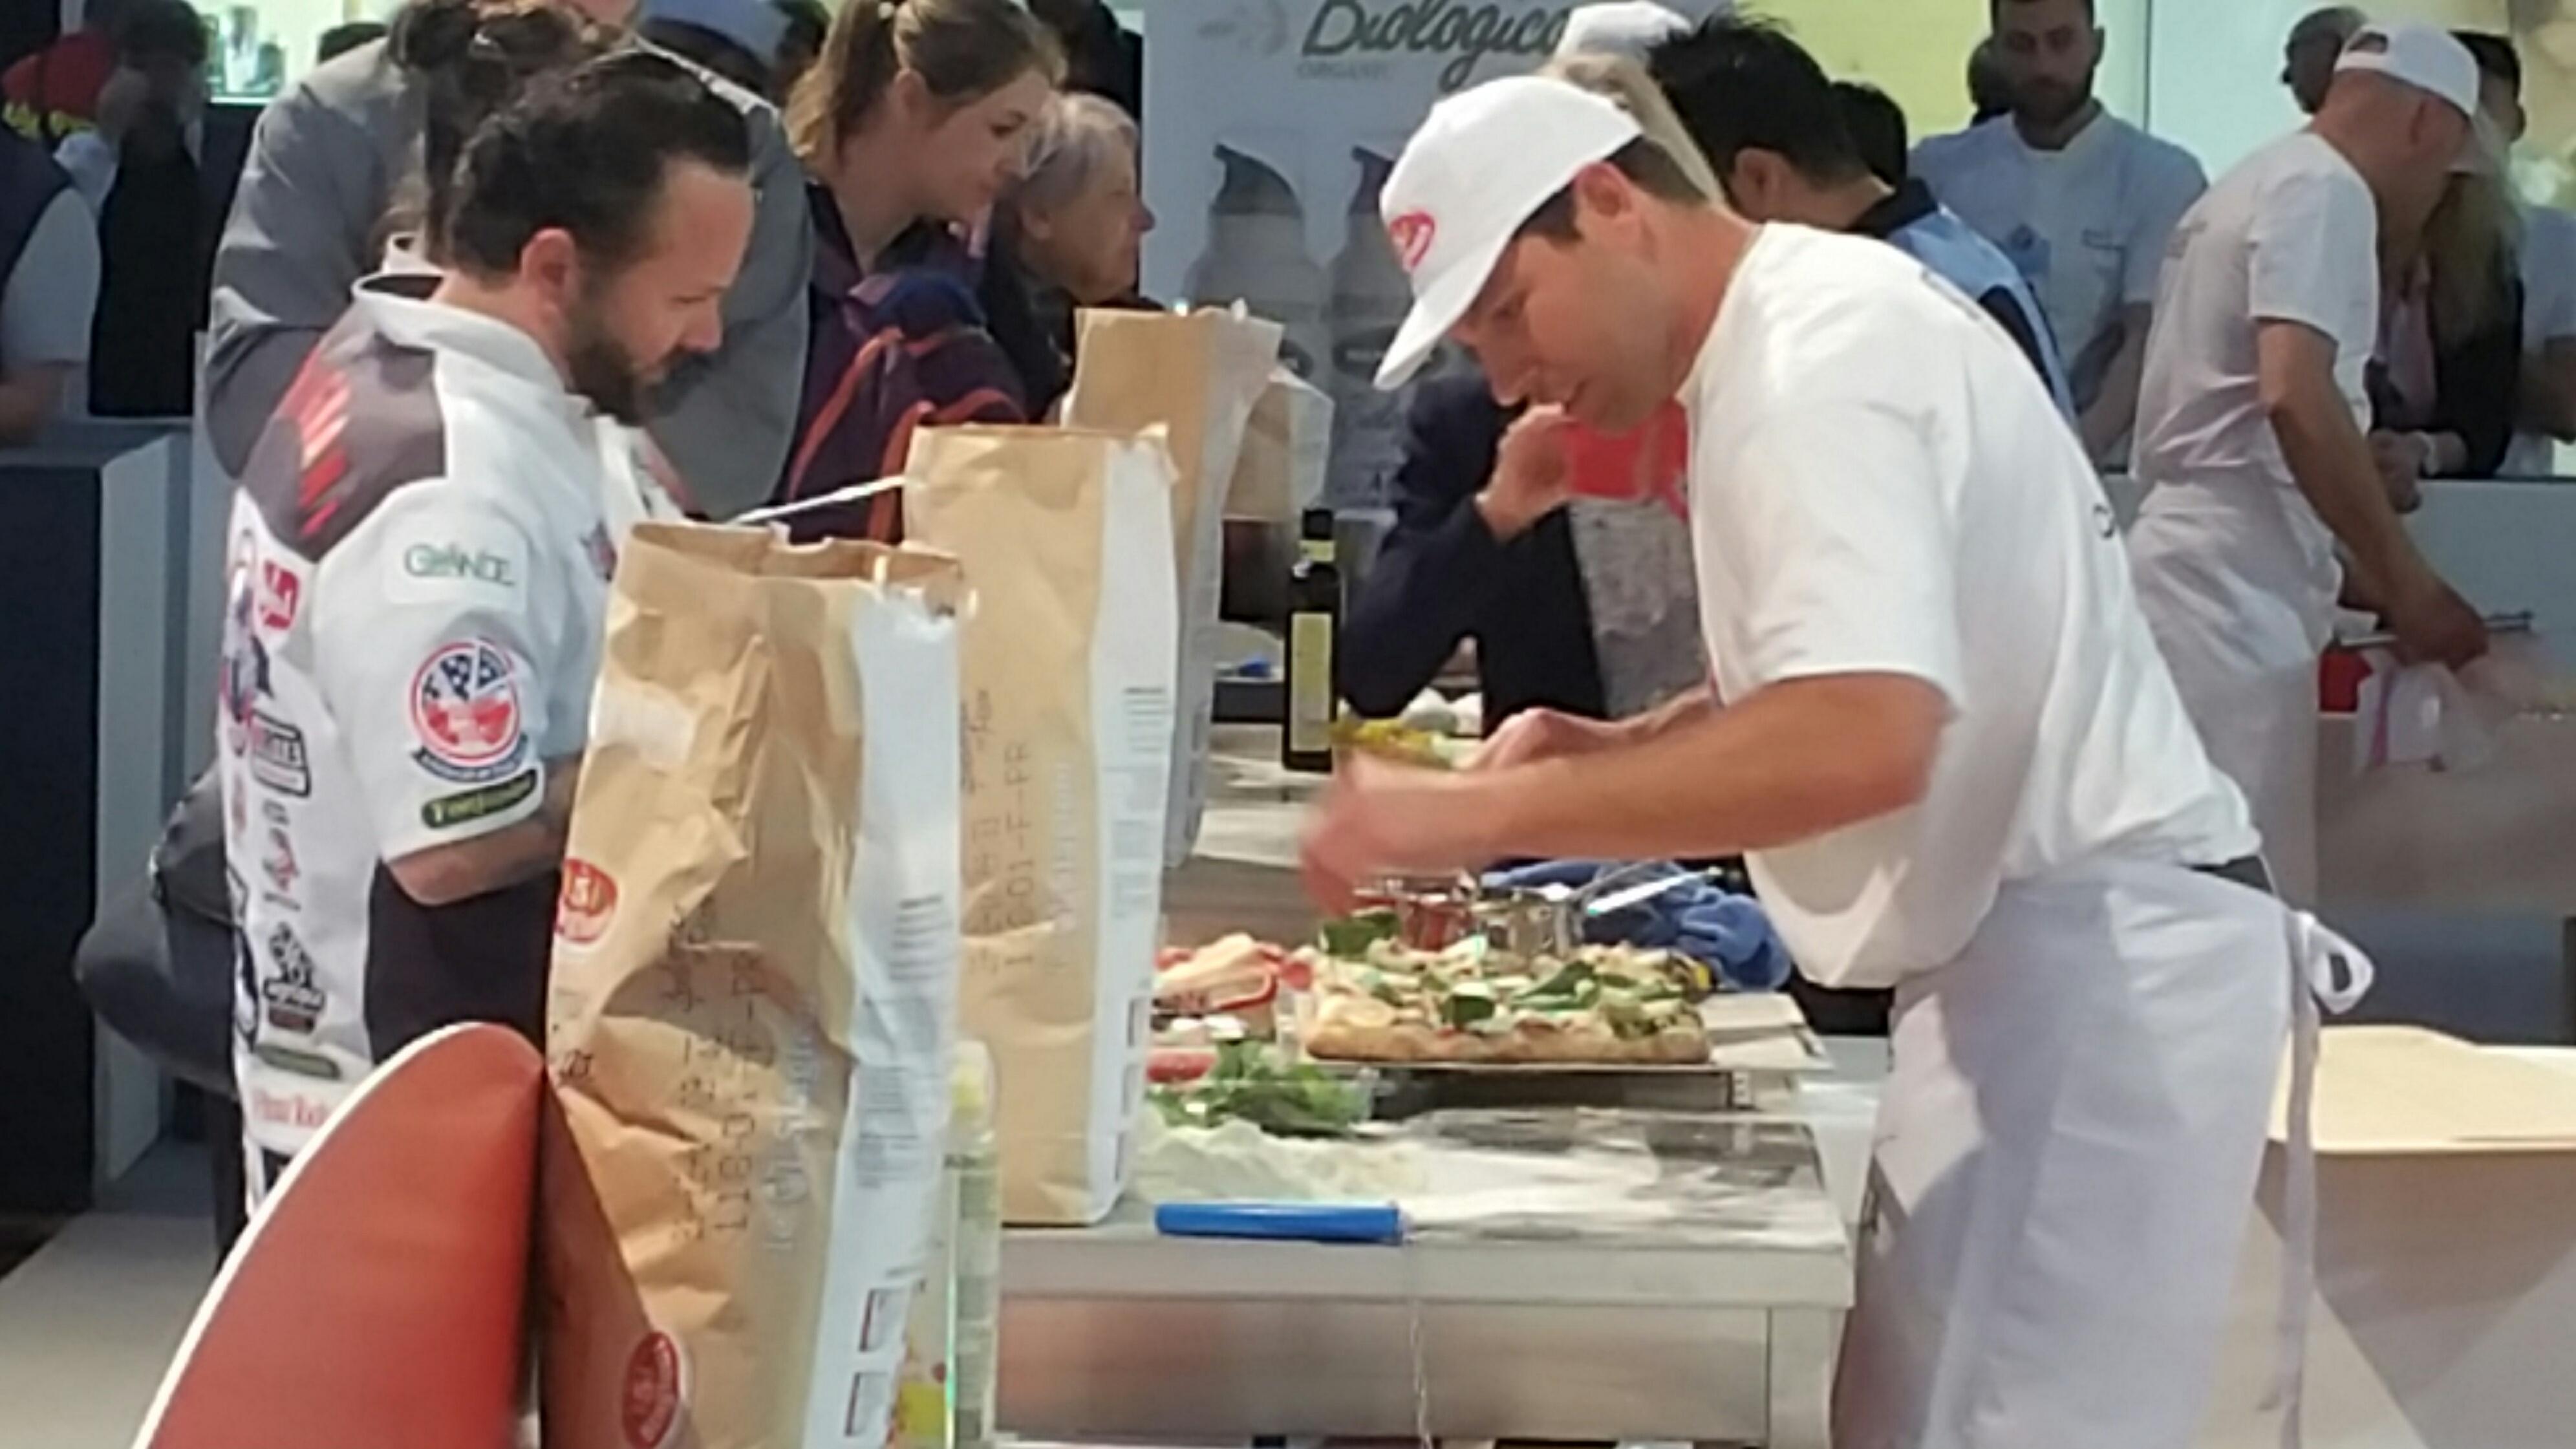 Pizza World Championship, parma, italy